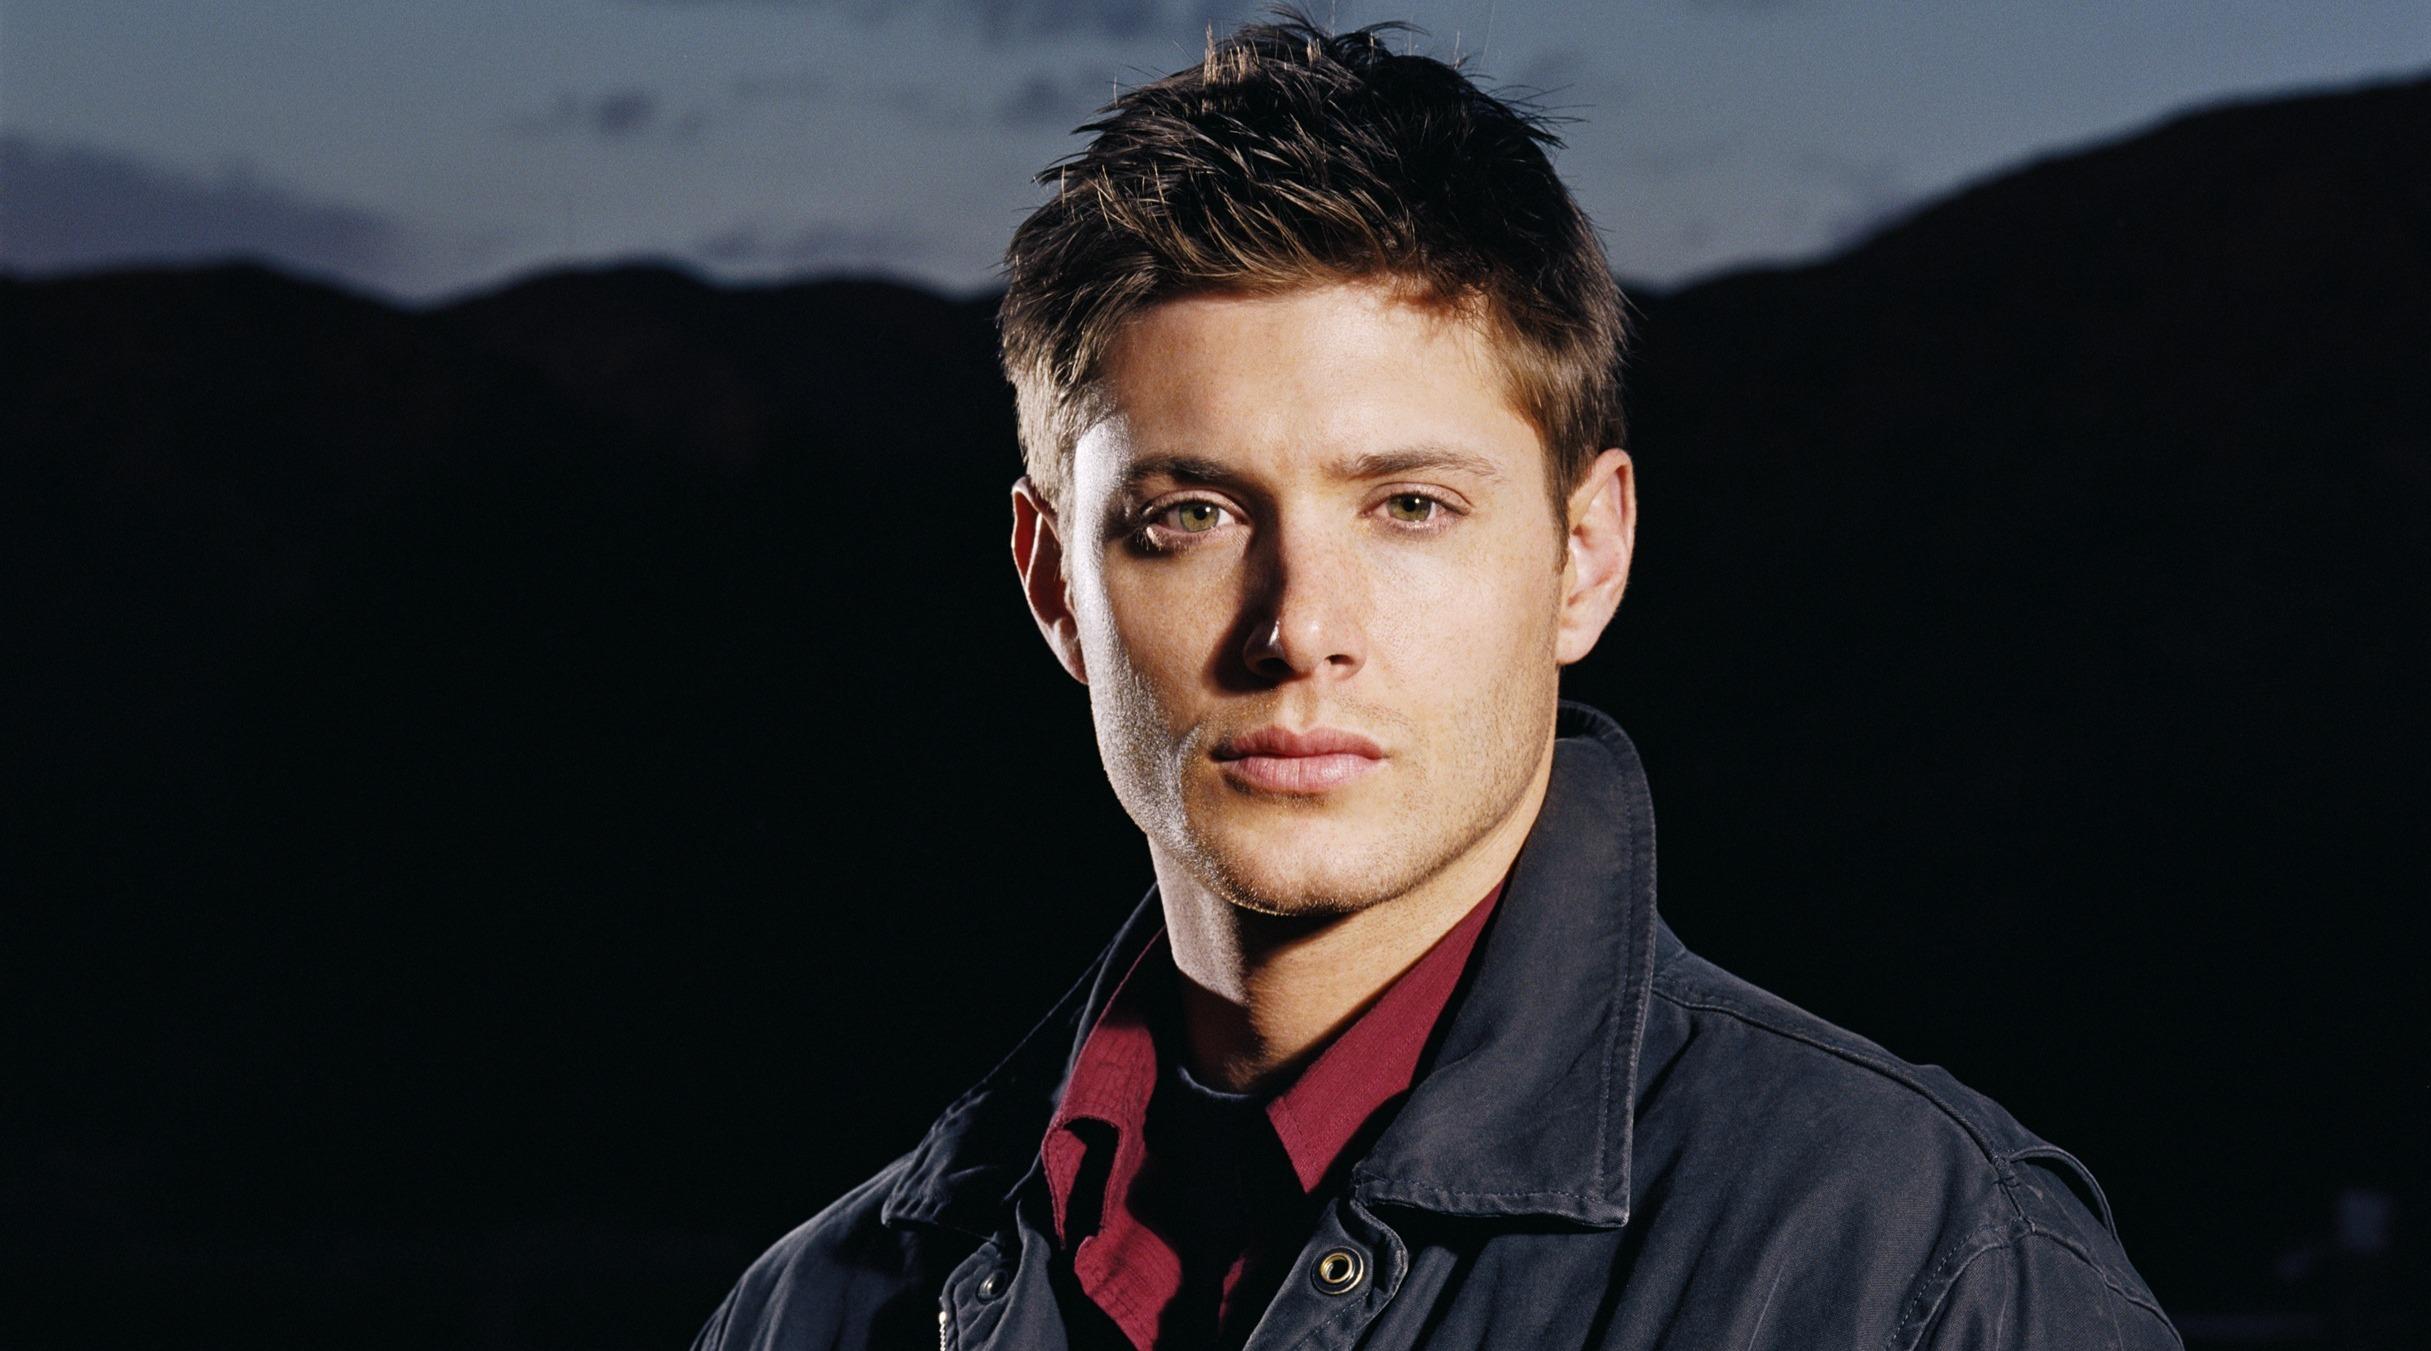 фото с большим разрешением мужчины модели настолько волшебно-красивые